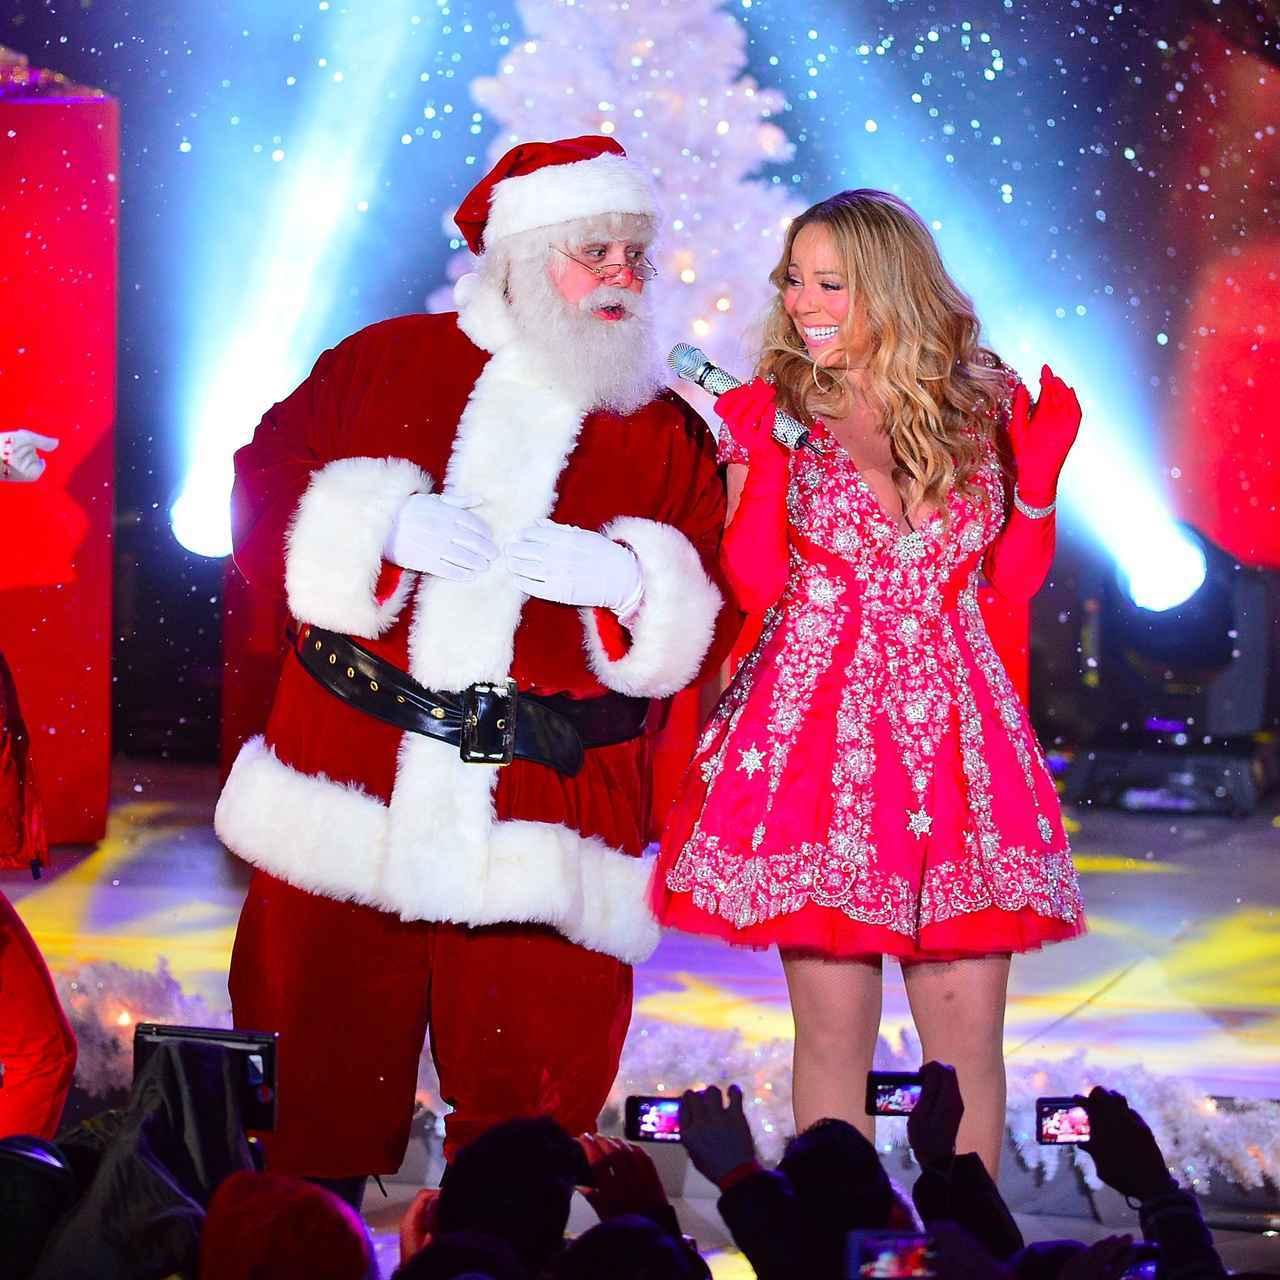 画像: たった1曲のクリスマスソングで億万長者に!?